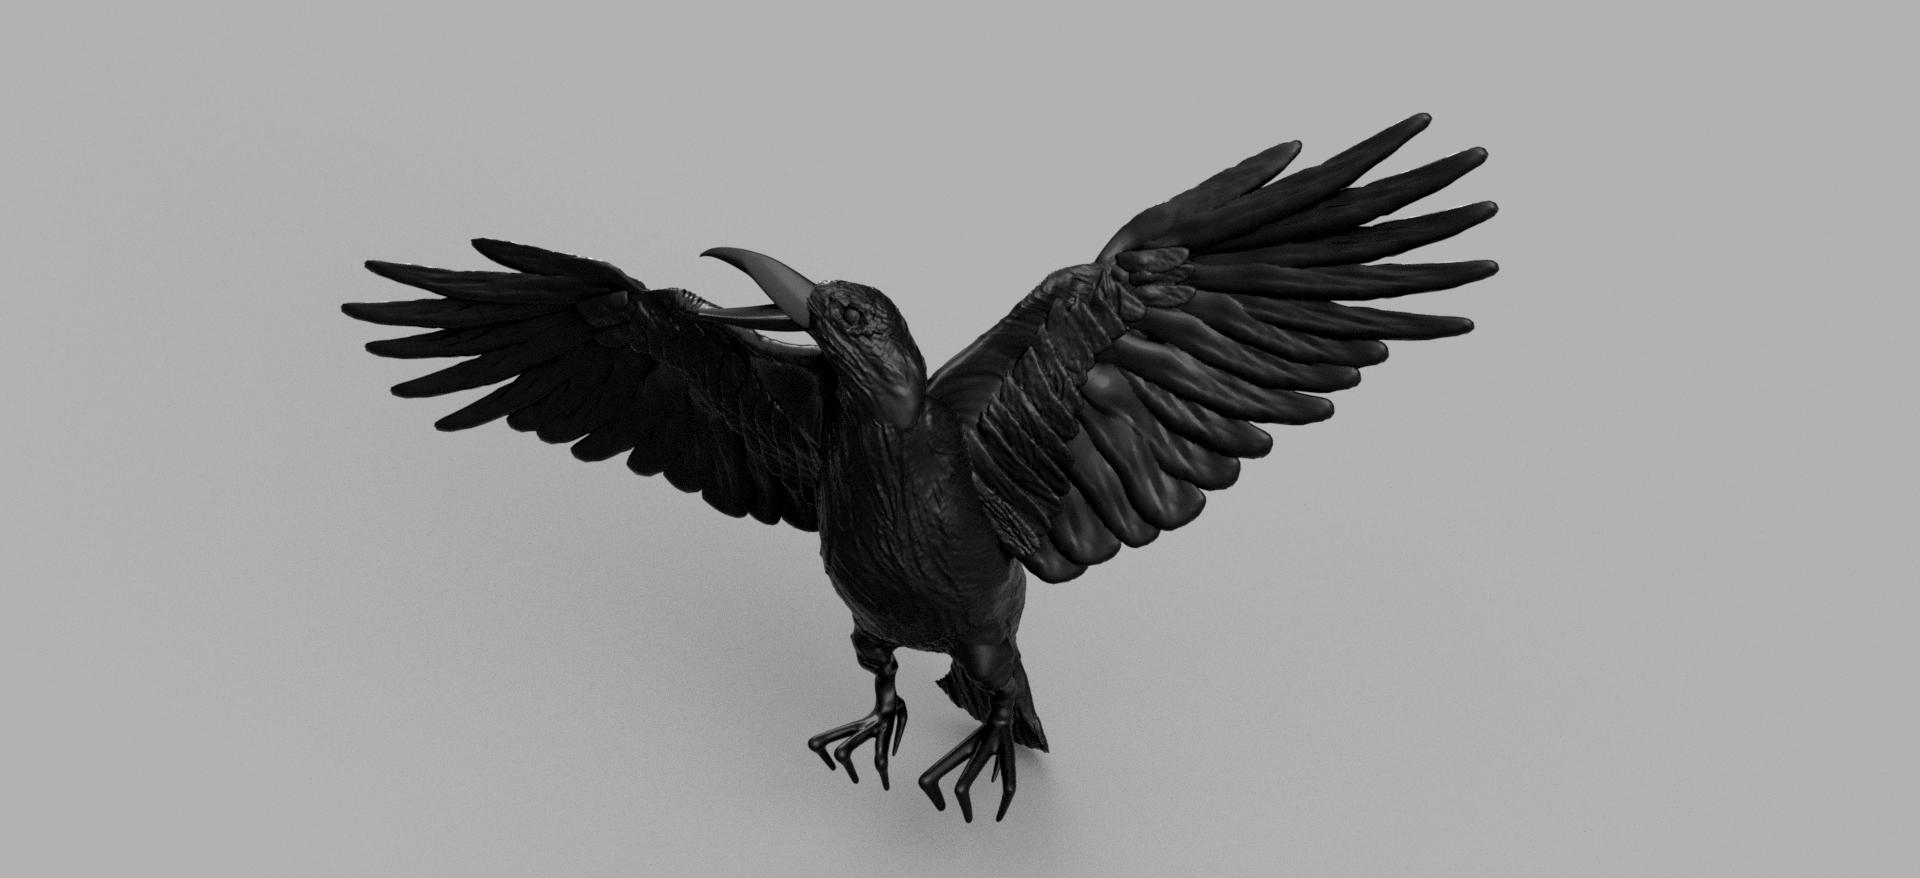 werrwee.png Télécharger fichier STL gratuit Corbeau • Modèle pour imprimante 3D, quaddalone